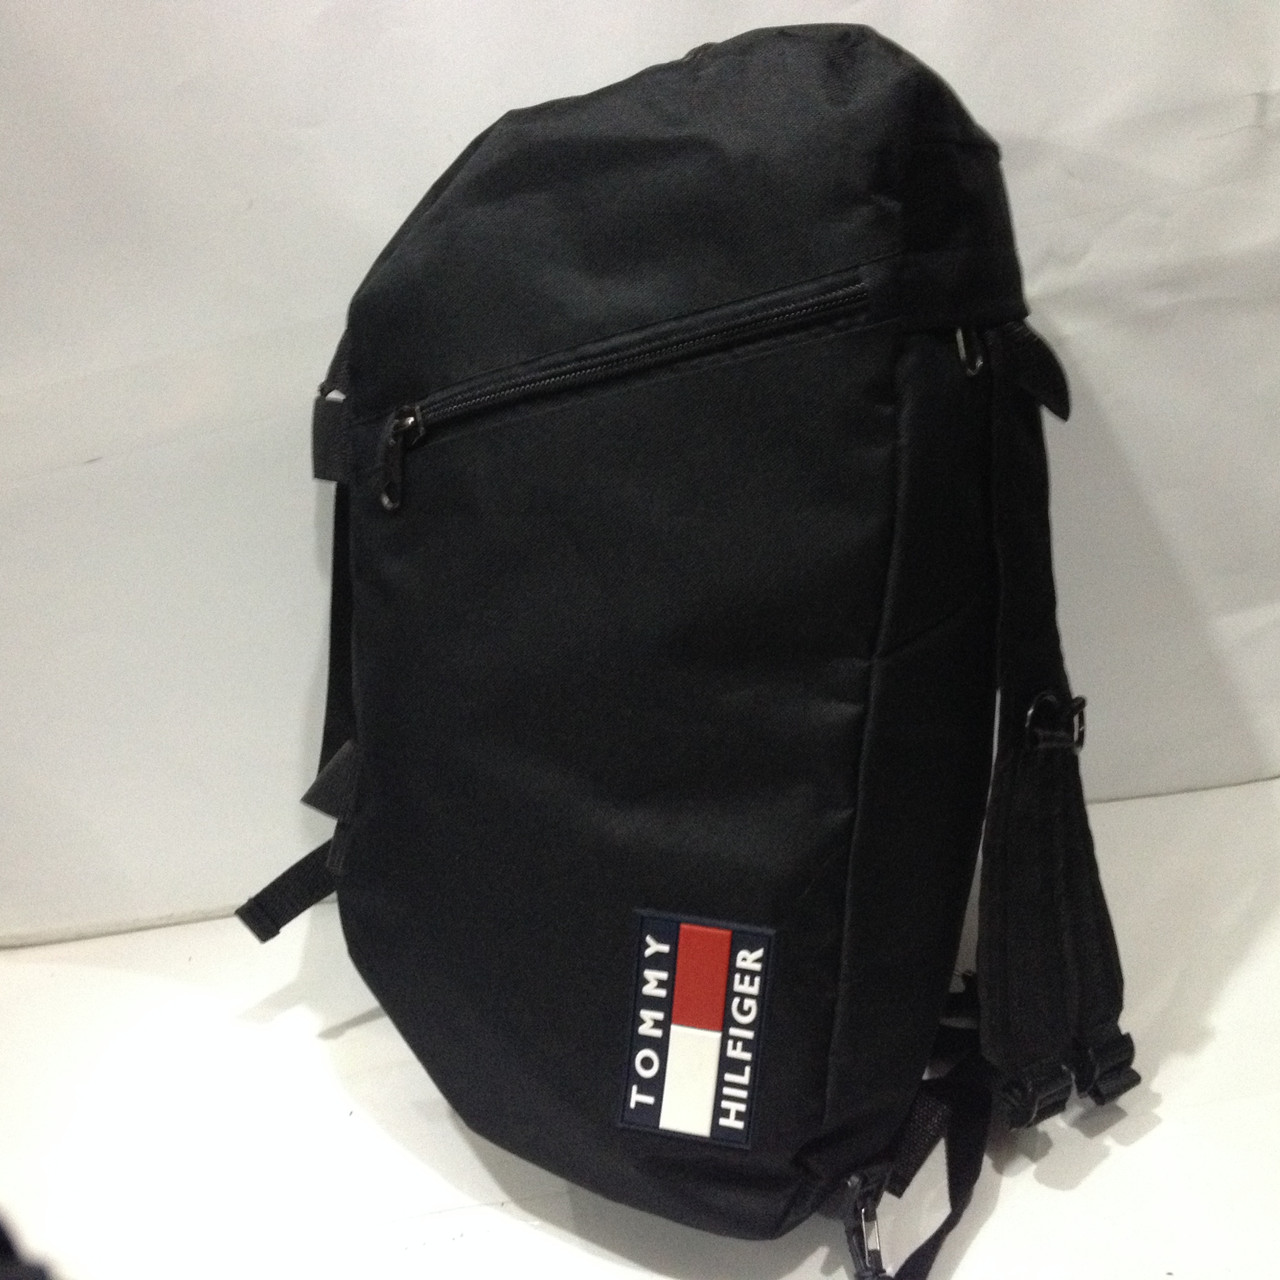 Спортивные сумки рюкзаки магазин рюкзаки кэт в киеве